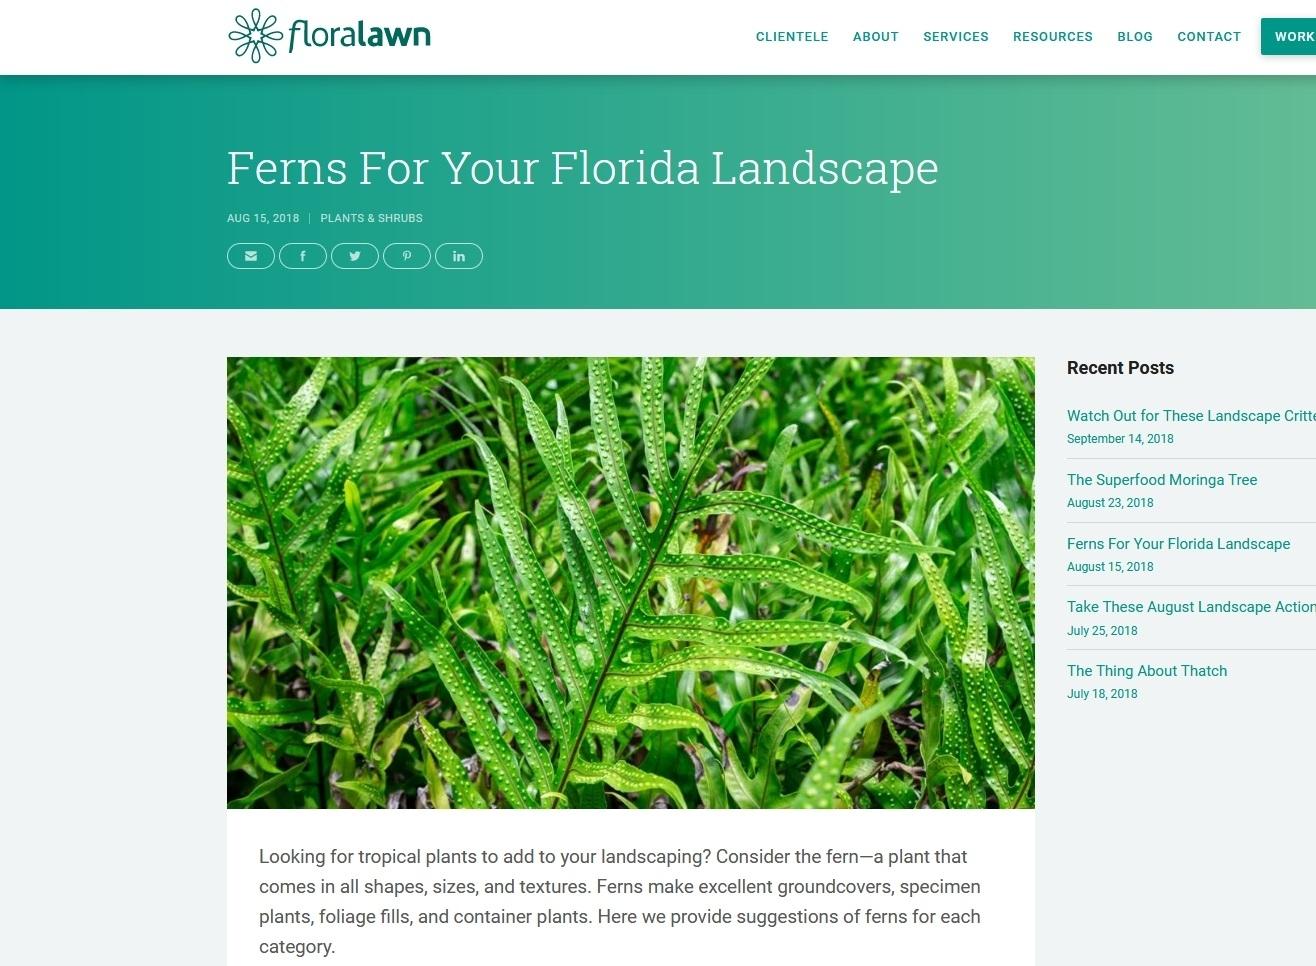 Wart fern (FloraLawn - Lakeland, Florida)